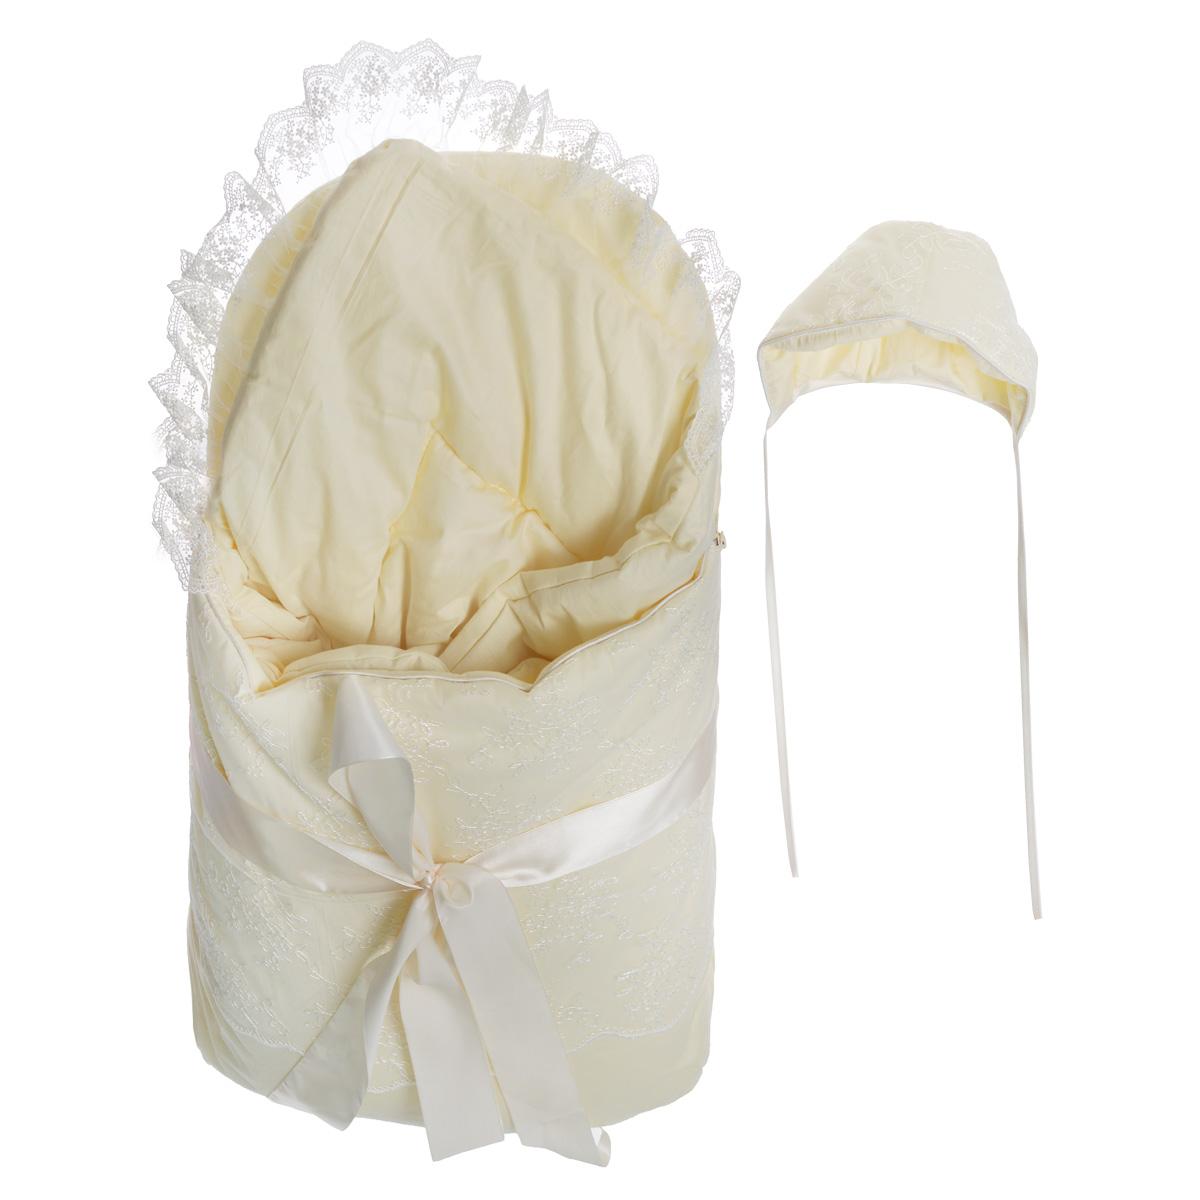 Ка12111Комплект на выписку Baby Nice прекрасно подойдет для выписки новорожденного из роддома. Комплект состоит из конверта, теплого одеяла и чепчика. В дальнейшем его можно использовать во время прогулок с малышом в коляске-люльке или в качестве удобного коврика для пеленания. Элементы комплекта изготовлены из сатина - 100% хлопка на подкладке из сатина - 100% хлопка. В качестве утеплителя используется файберпласт (200 г) - качественный, легкий и неприхотливый в эксплуатации нетканый материал, который великолепно удерживает тепло, дышит, является гипоаллергенным, прекрасно стирается, практически не слеживается, быстро сохнет и не впитывает неприятные запахи. Конверт по бокам застегивается на длинную застежку-молнию с двойным бегунком. Передняя часть конверта отстегивается, что помогает нижнюю часть использовать как коврик. Конверт украшен ажурной вышивкой и декоративным атласным бантом. Мягкое воздушное одеяло украшено неширокой вуалью и дополнено ленточкой для удобного...